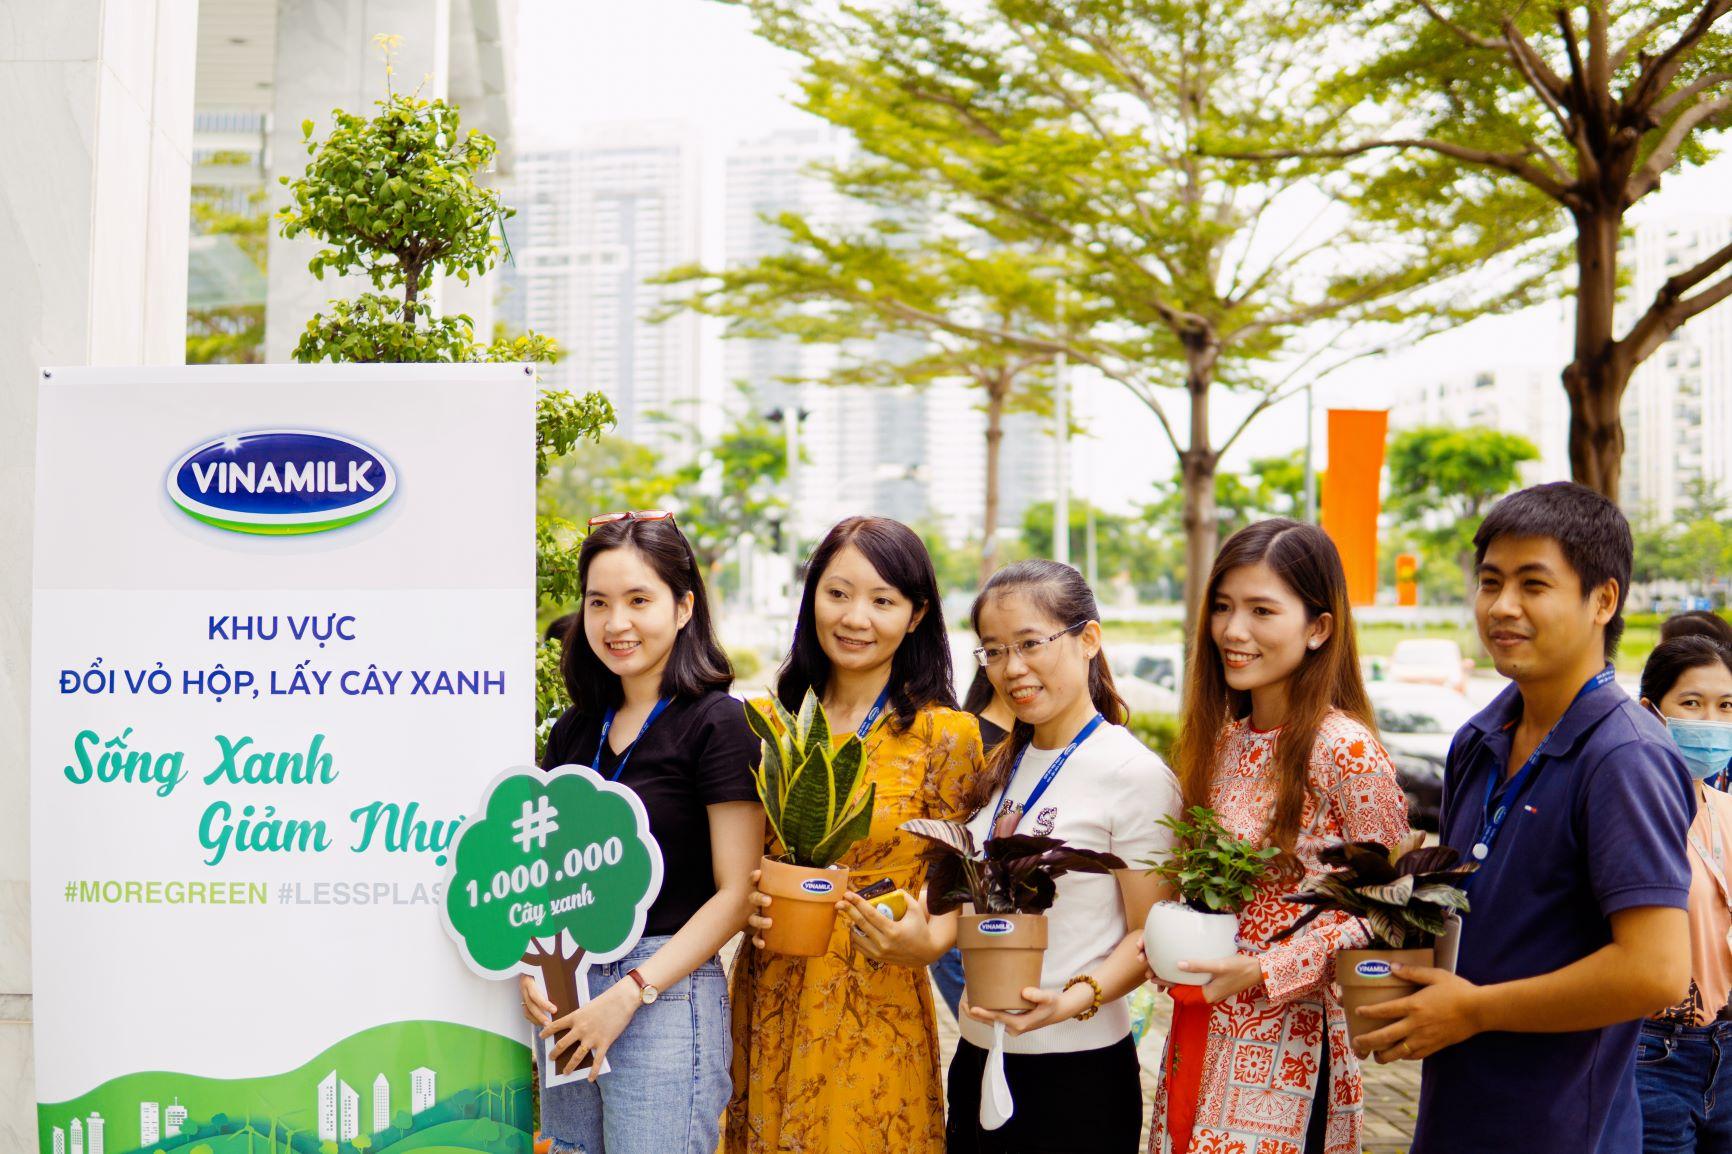 """Bên cạnh tham gia chiến dịch online, tập thể nhân viên Vinamilk còn tổ chức nhiều hoạt động """"offline"""" đồng hành như Ngày hội sống xanh, Đổi vỏ hộp lấy cây xanh…"""